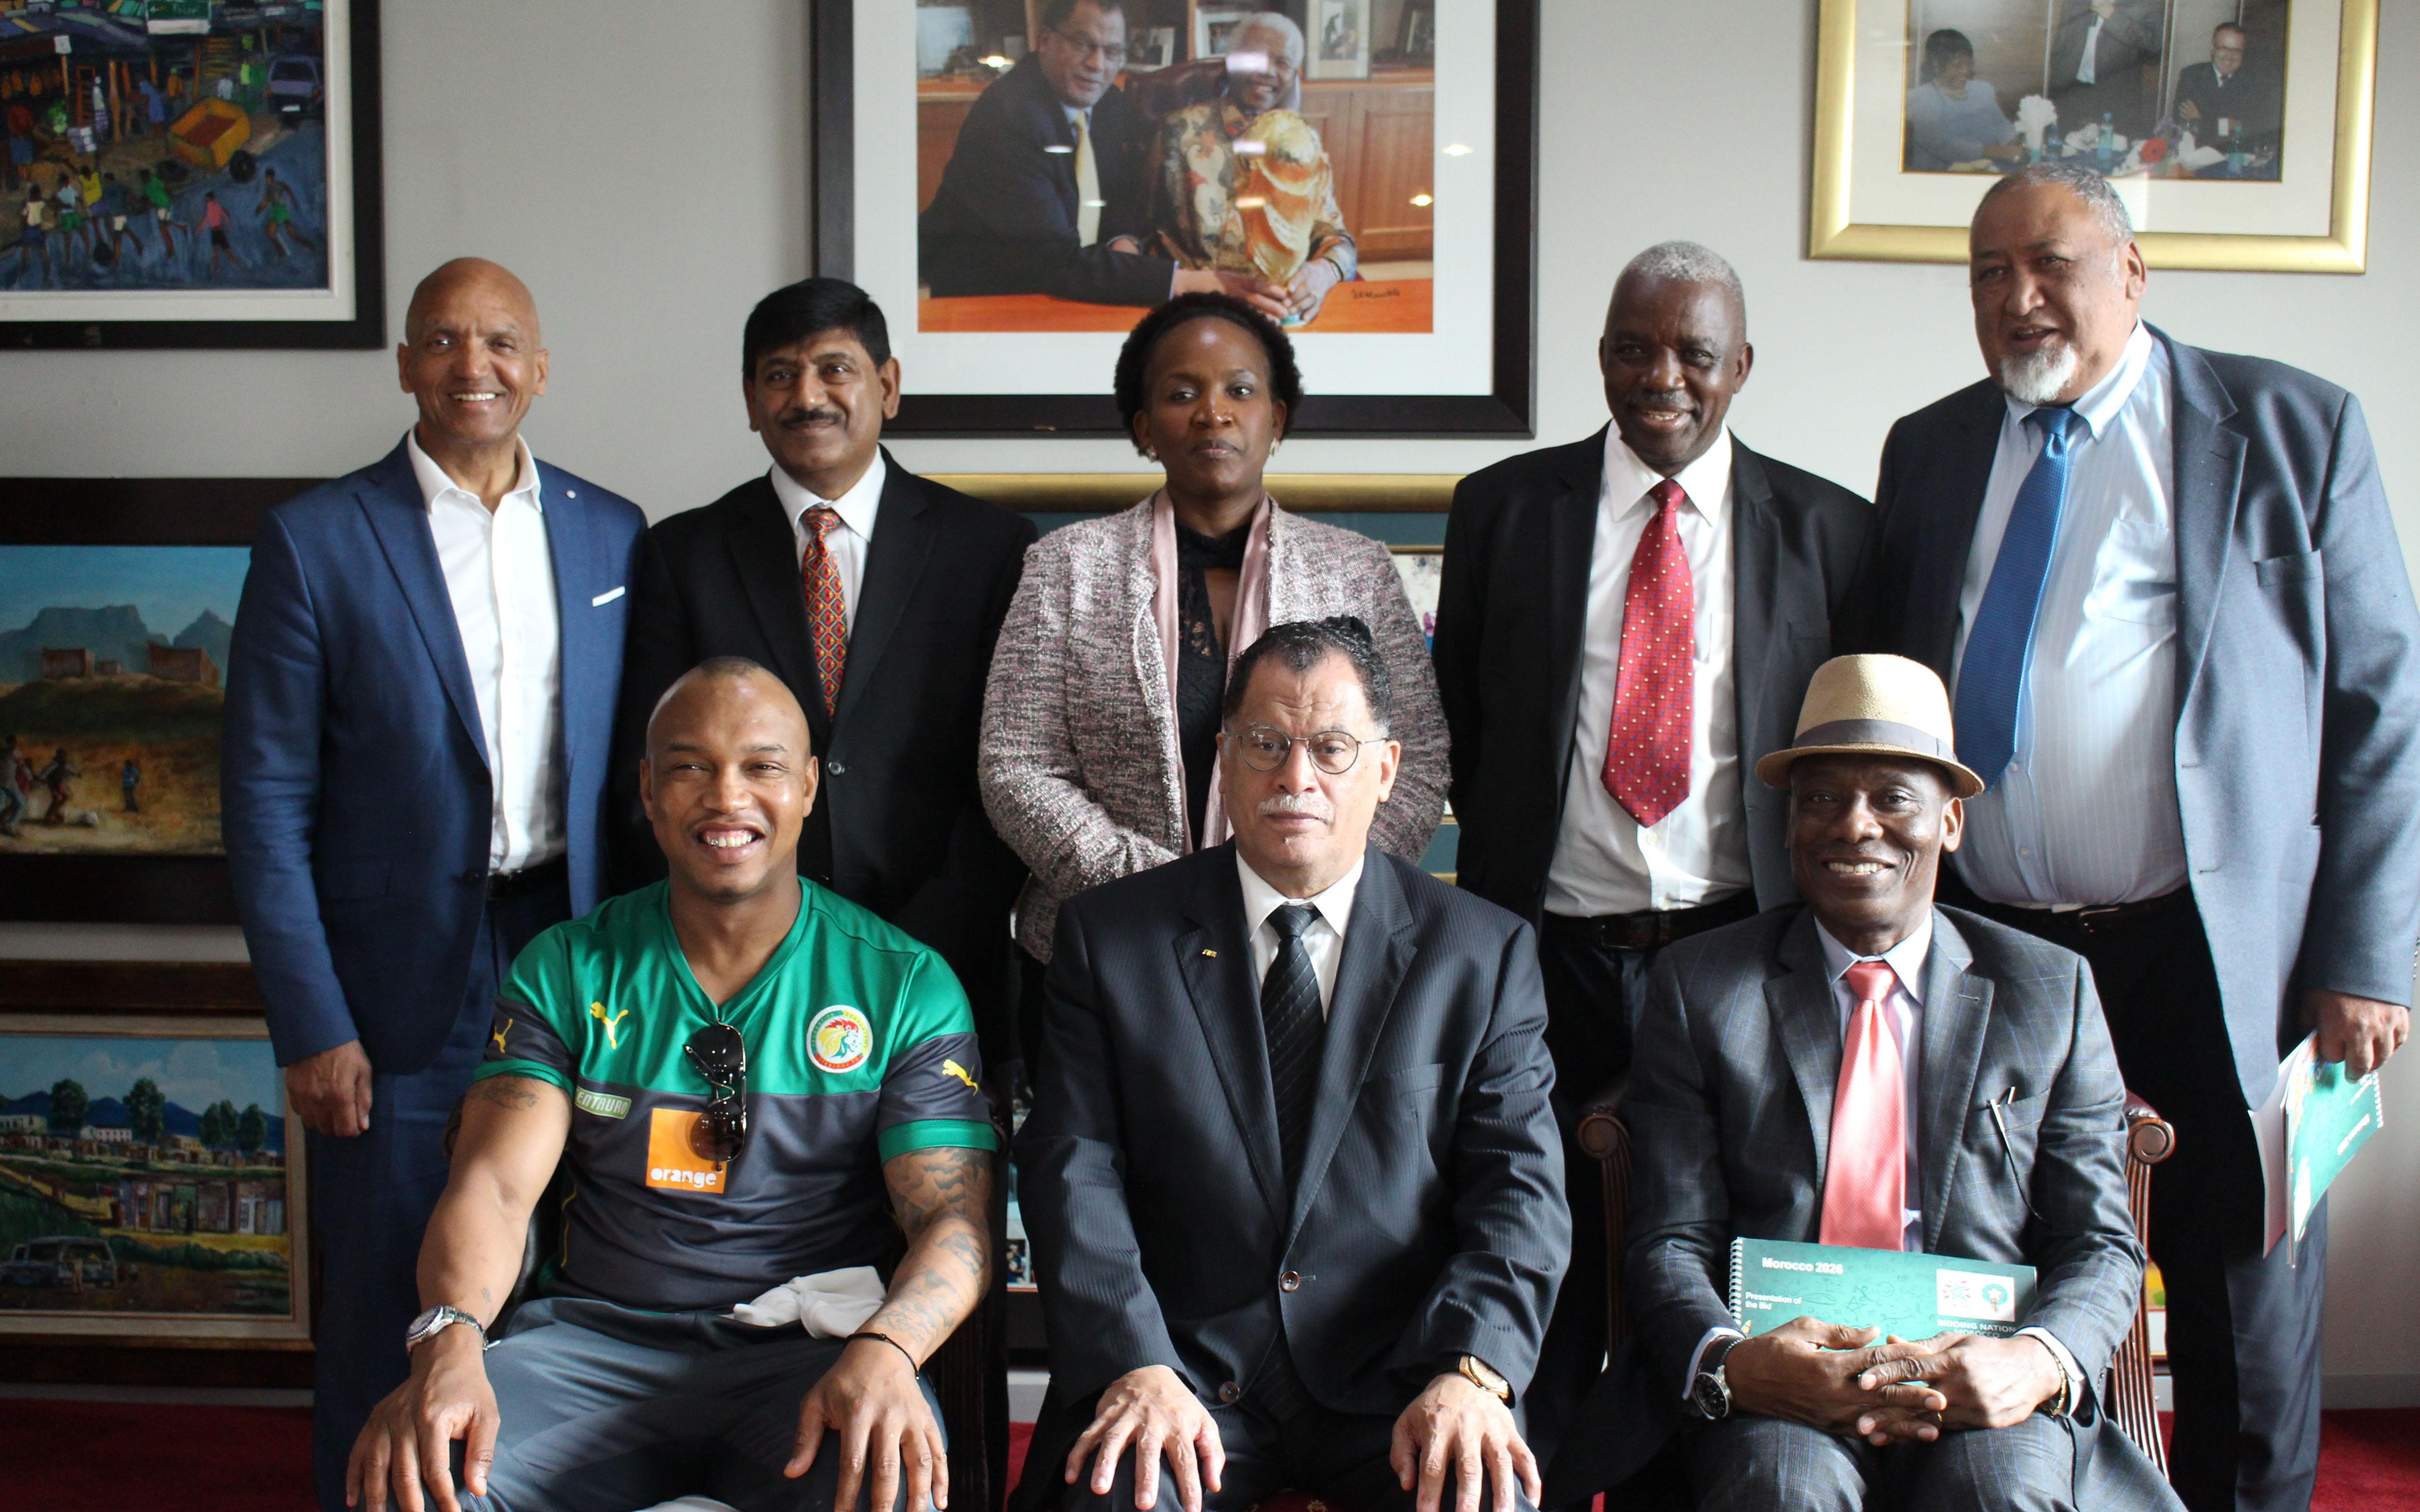 رسمياً/جنوب إفريقيا تعلن دعمها لـ'موروكو 2026′ و تؤكد تجندها للضغط على دول إفريقية للتصويت لصالح المغرب